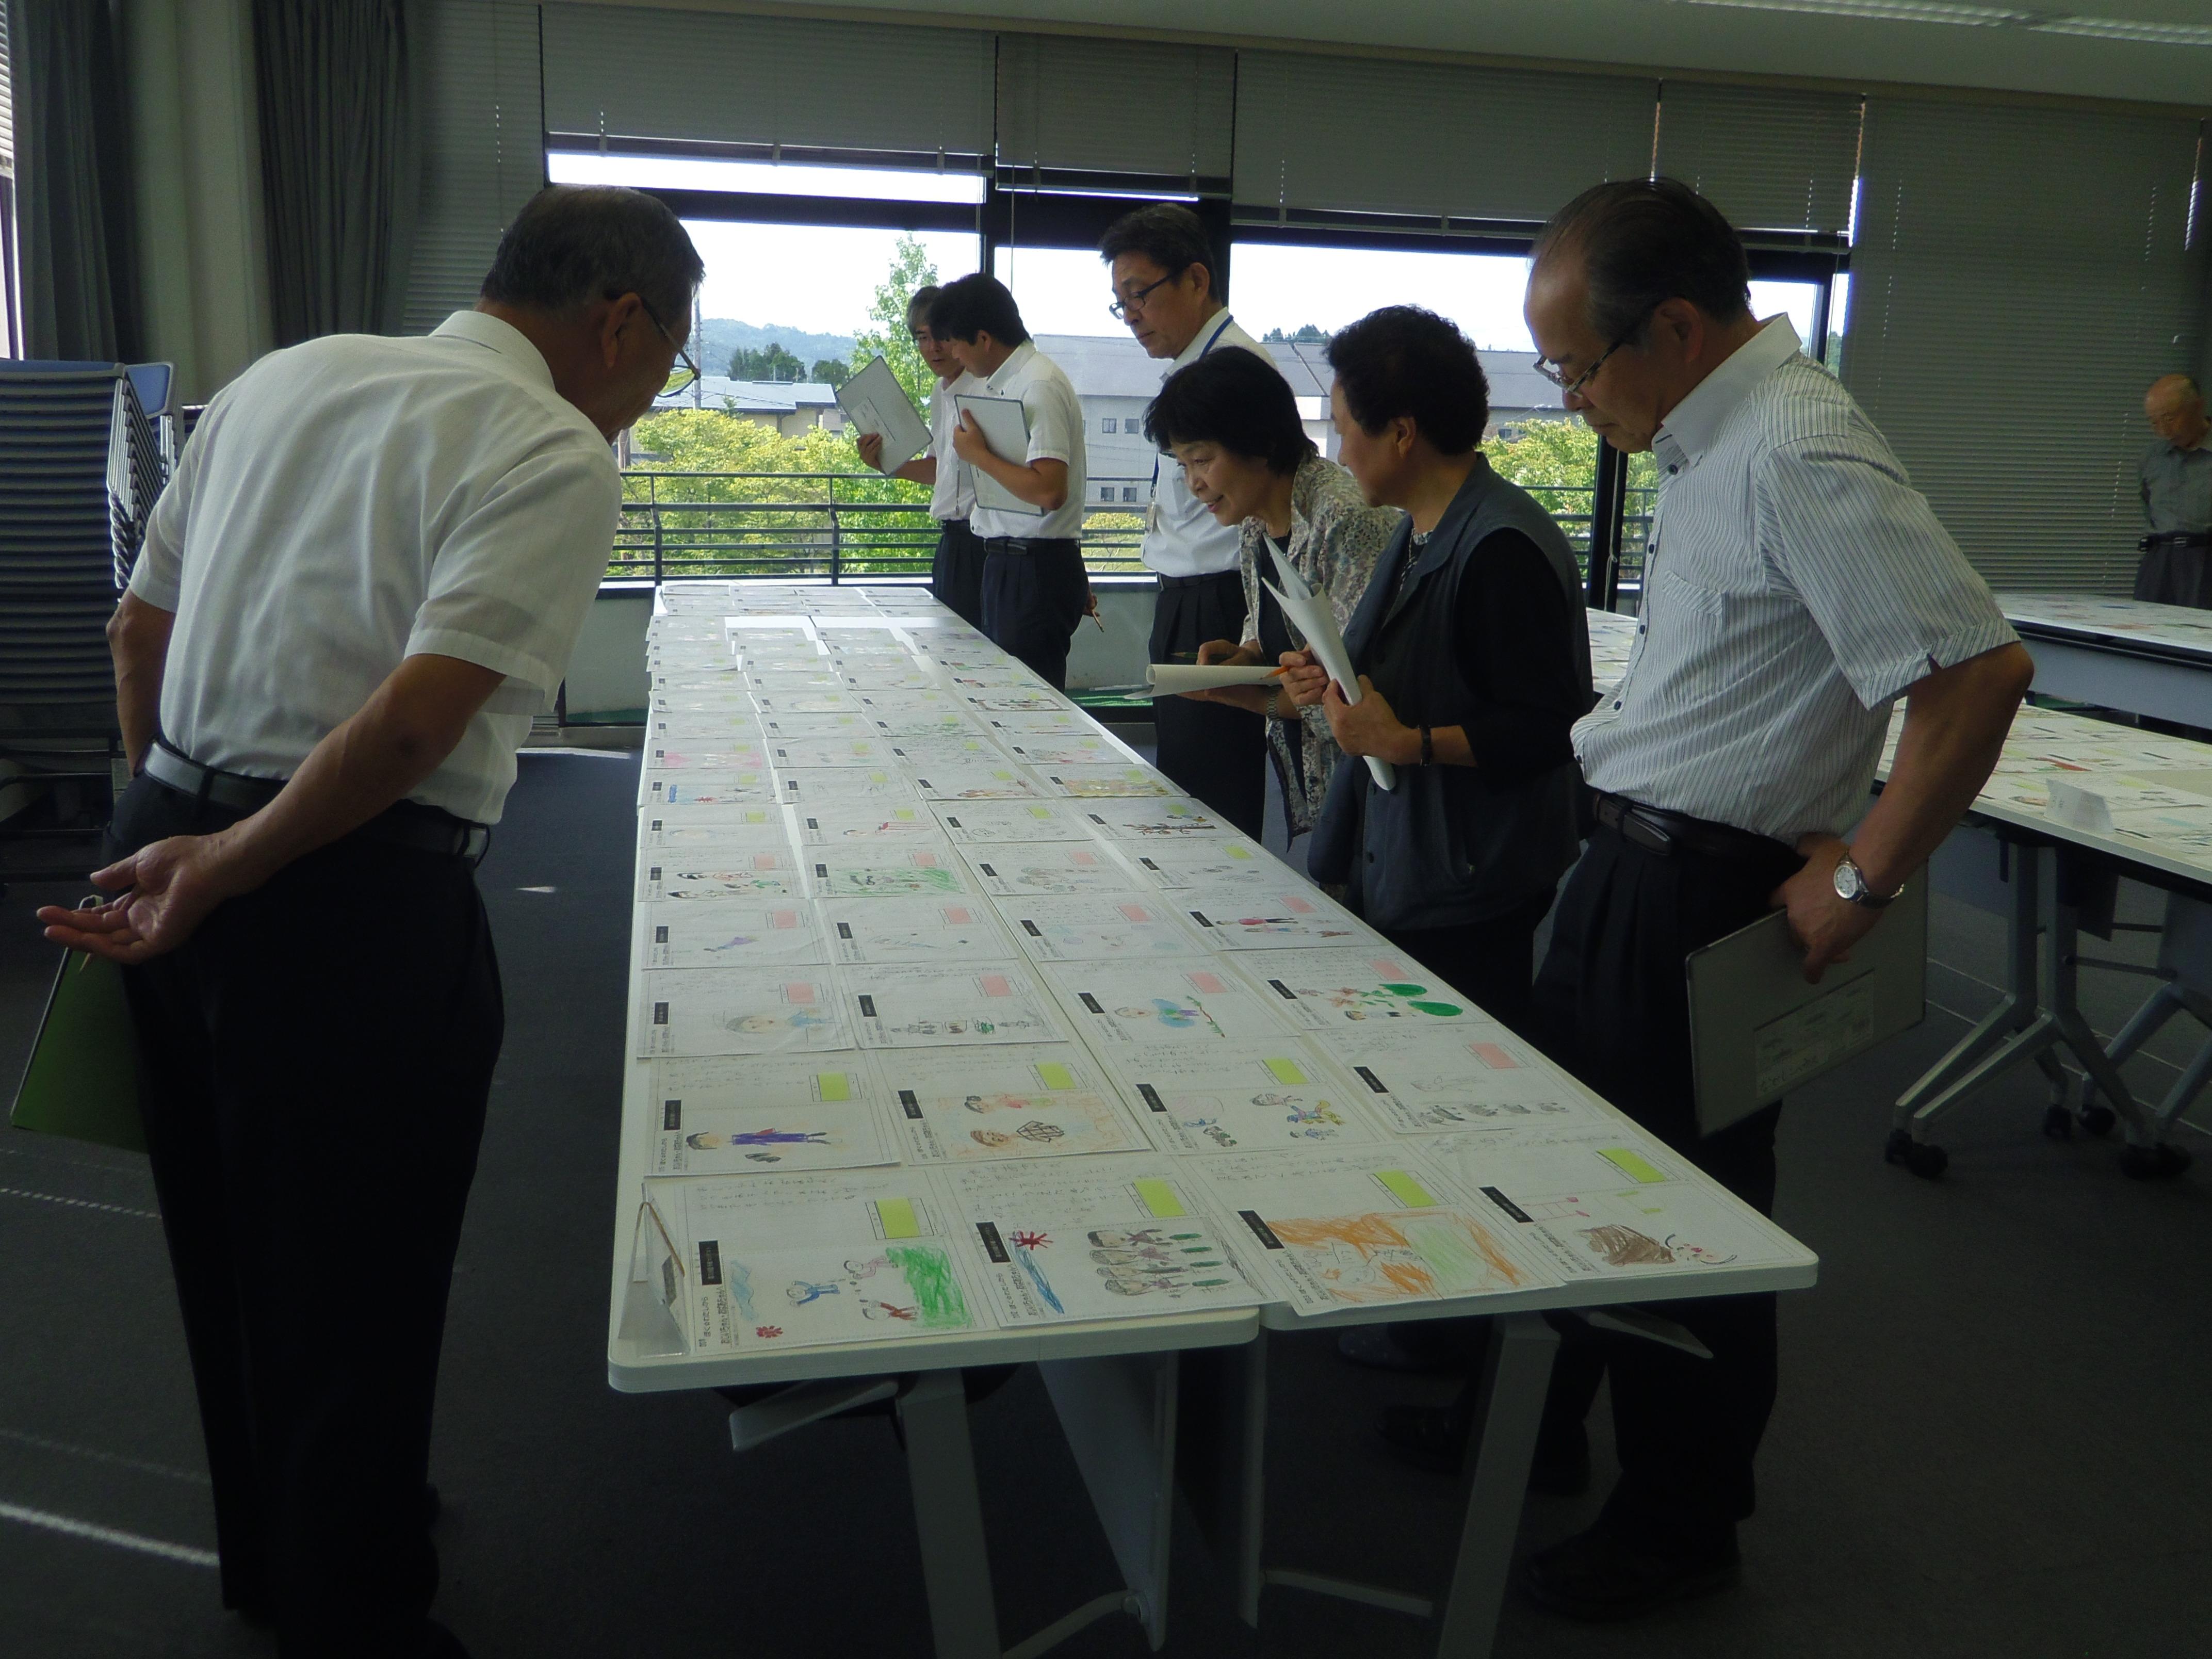 【お知らせ】第5回絵手紙コンテスト入選作品決定!!:画像